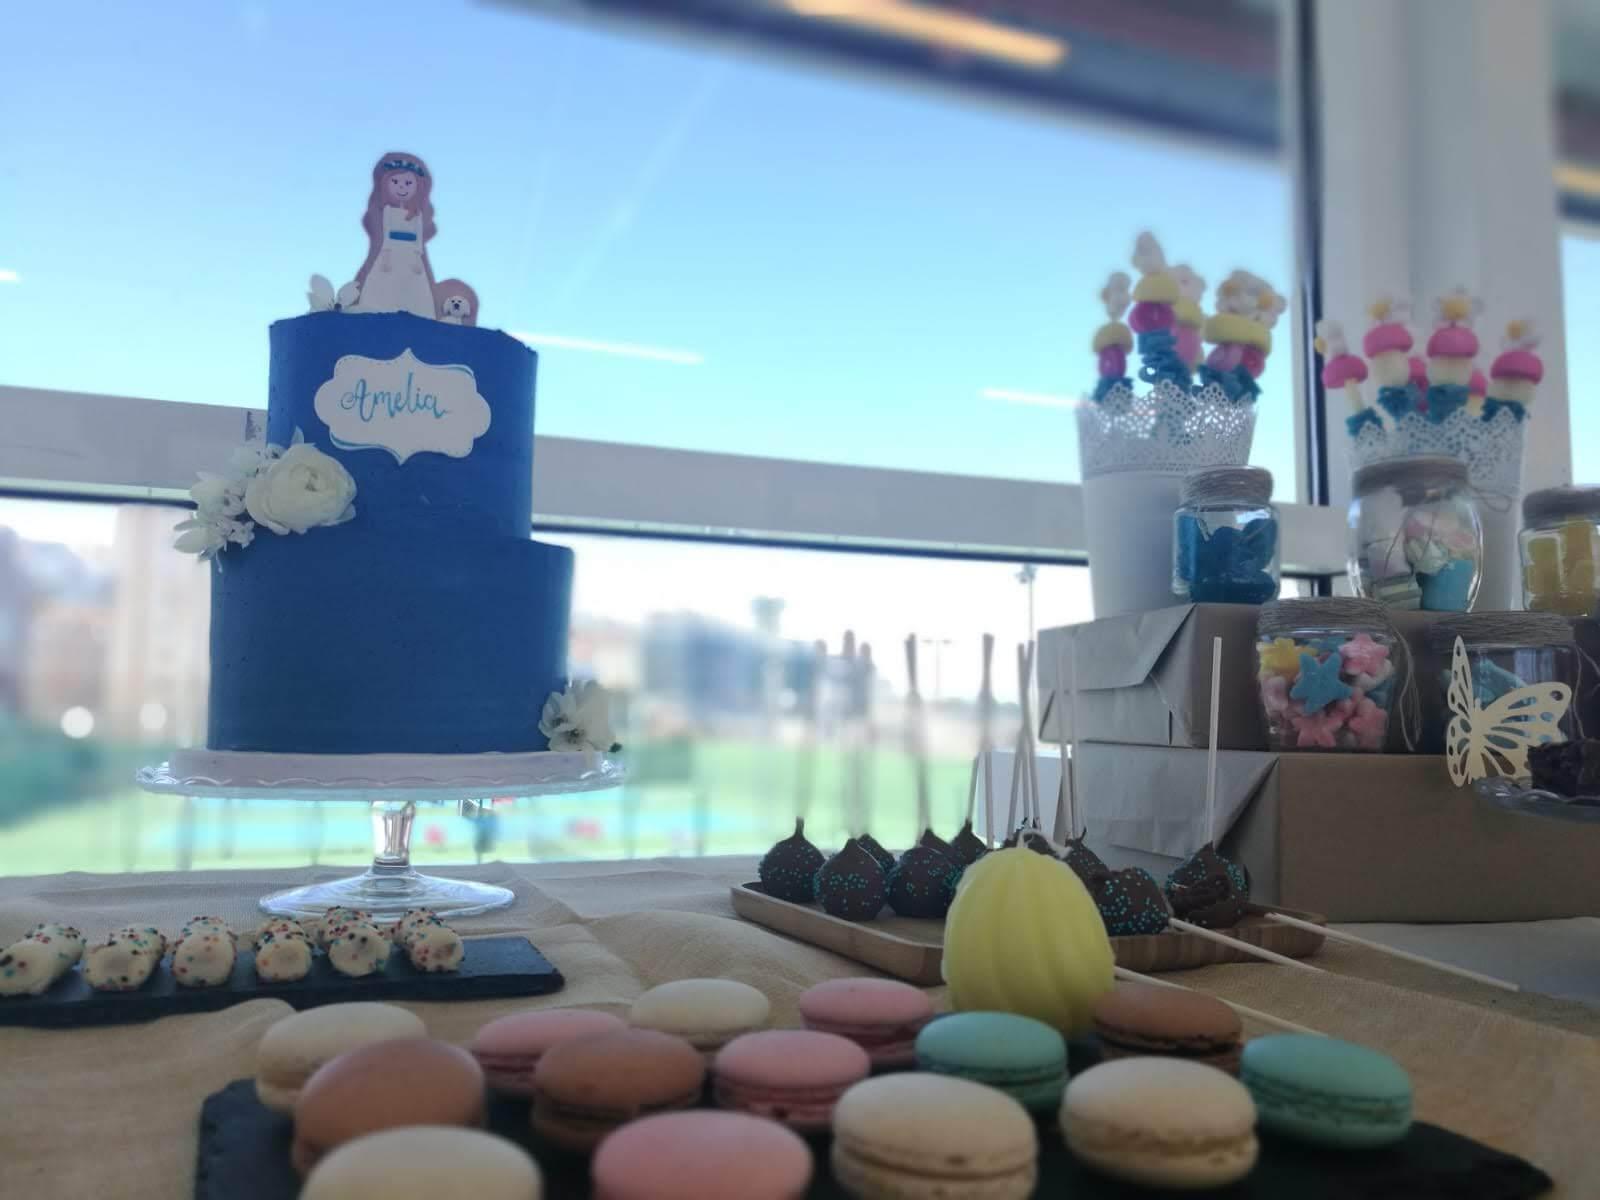 comunión niña mesa dulce tarta galleta coruña